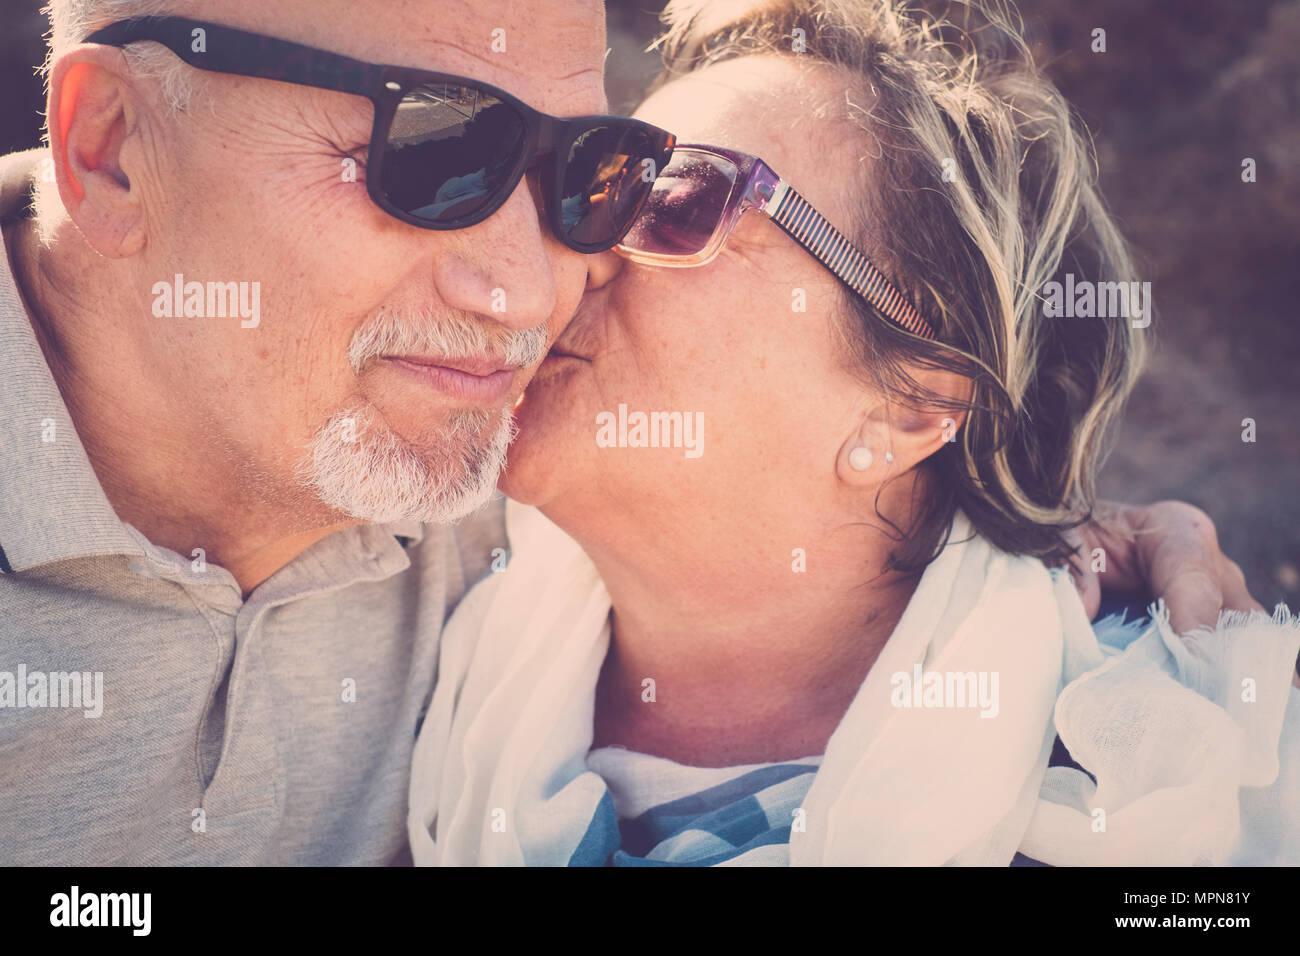 Agradables momentos de amor de dos ancianos, hombre y mujer besos junto con emoción. Cierra la escena de la vida para vivir eternamente. Sonreír y disfrutar del tiempo. Imagen De Stock